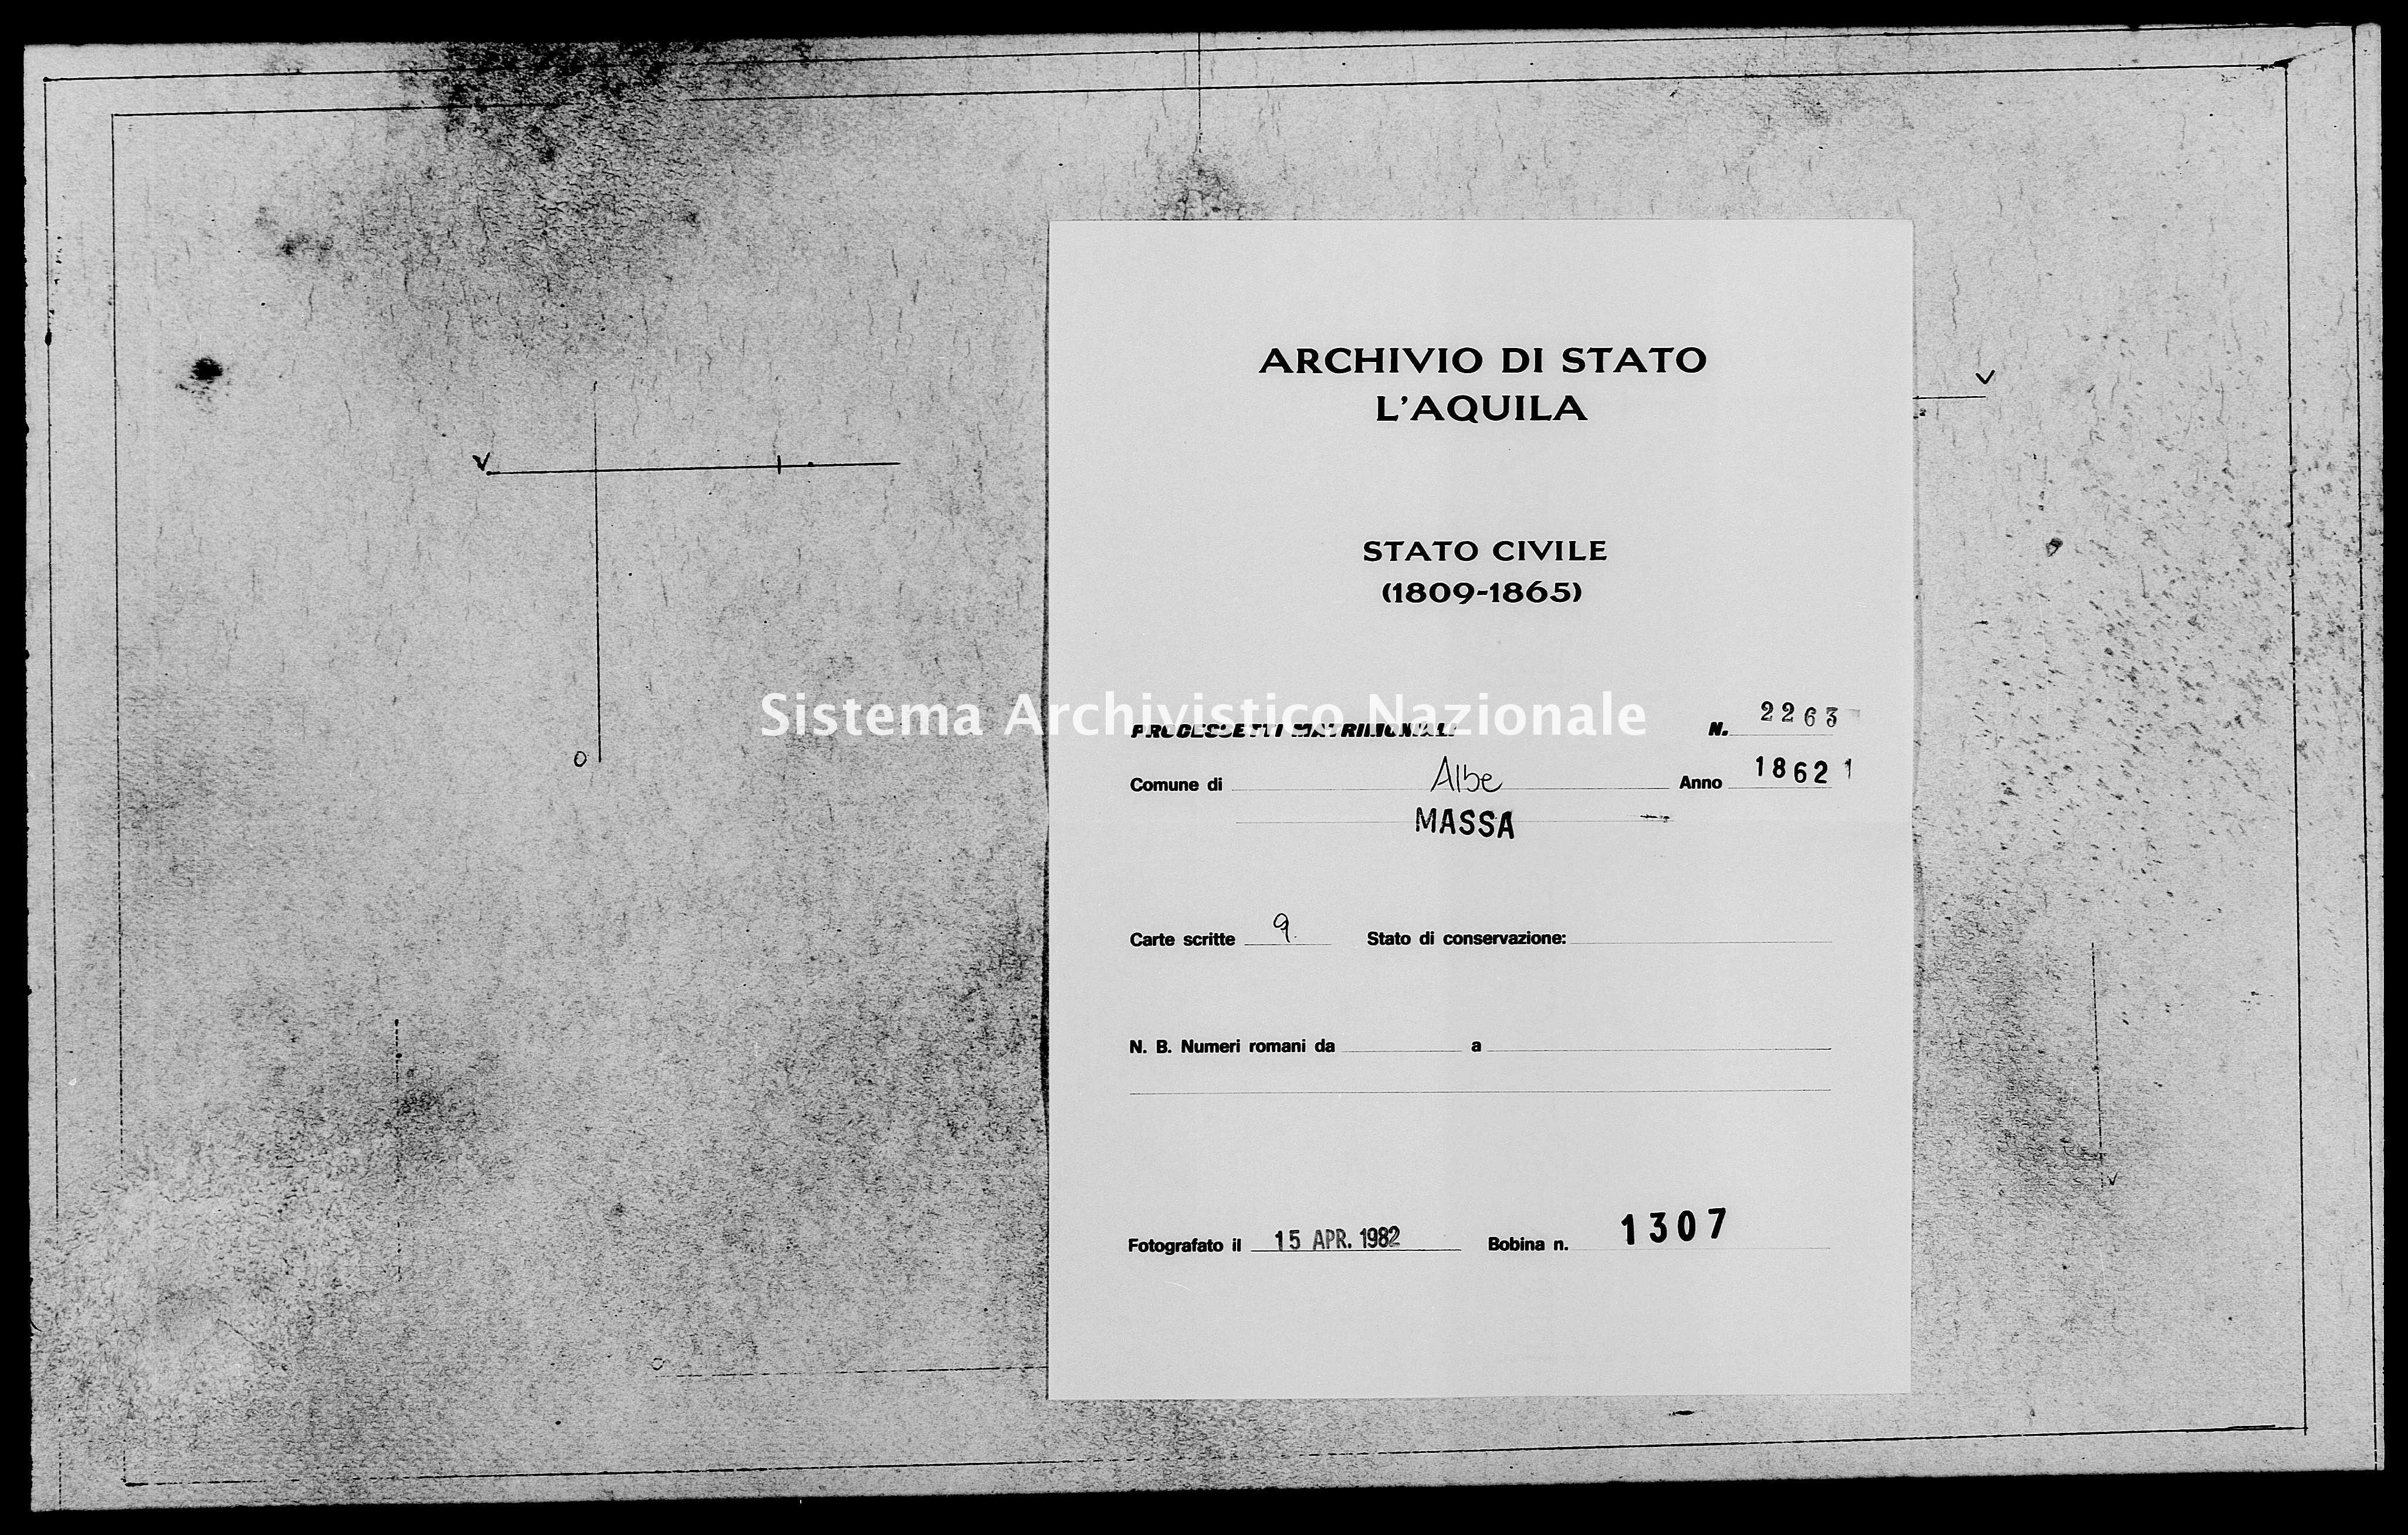 Archivio di stato di L'aquila - Stato civile italiano - Albe - Matrimoni, processetti - 1862 - 2263 -